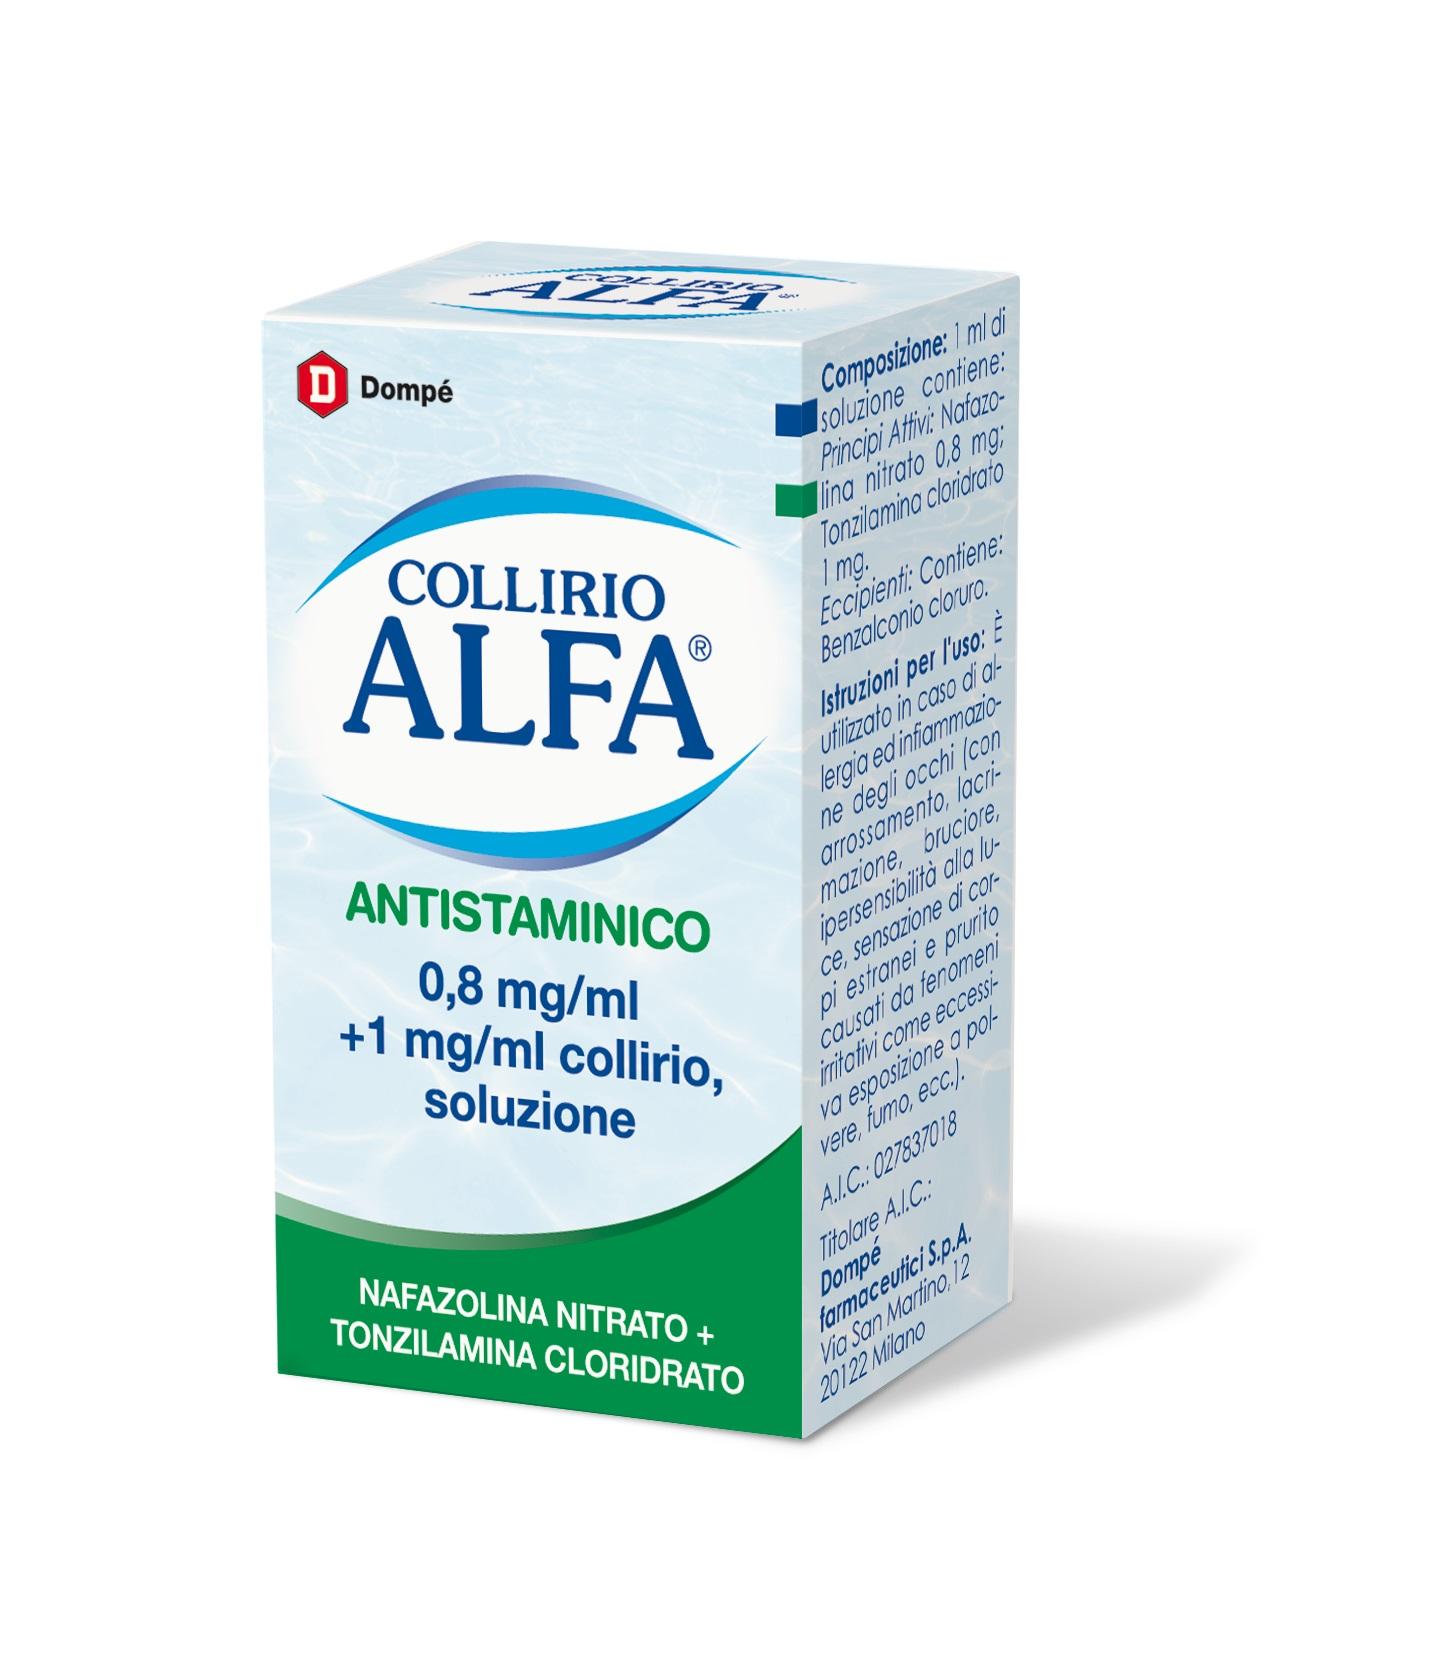 DOMPE' FARMACEUTICI SPA Collirio Alfa Antistaminico*collirio 10 Ml 8 Mg/ml + 1 Mg/ml